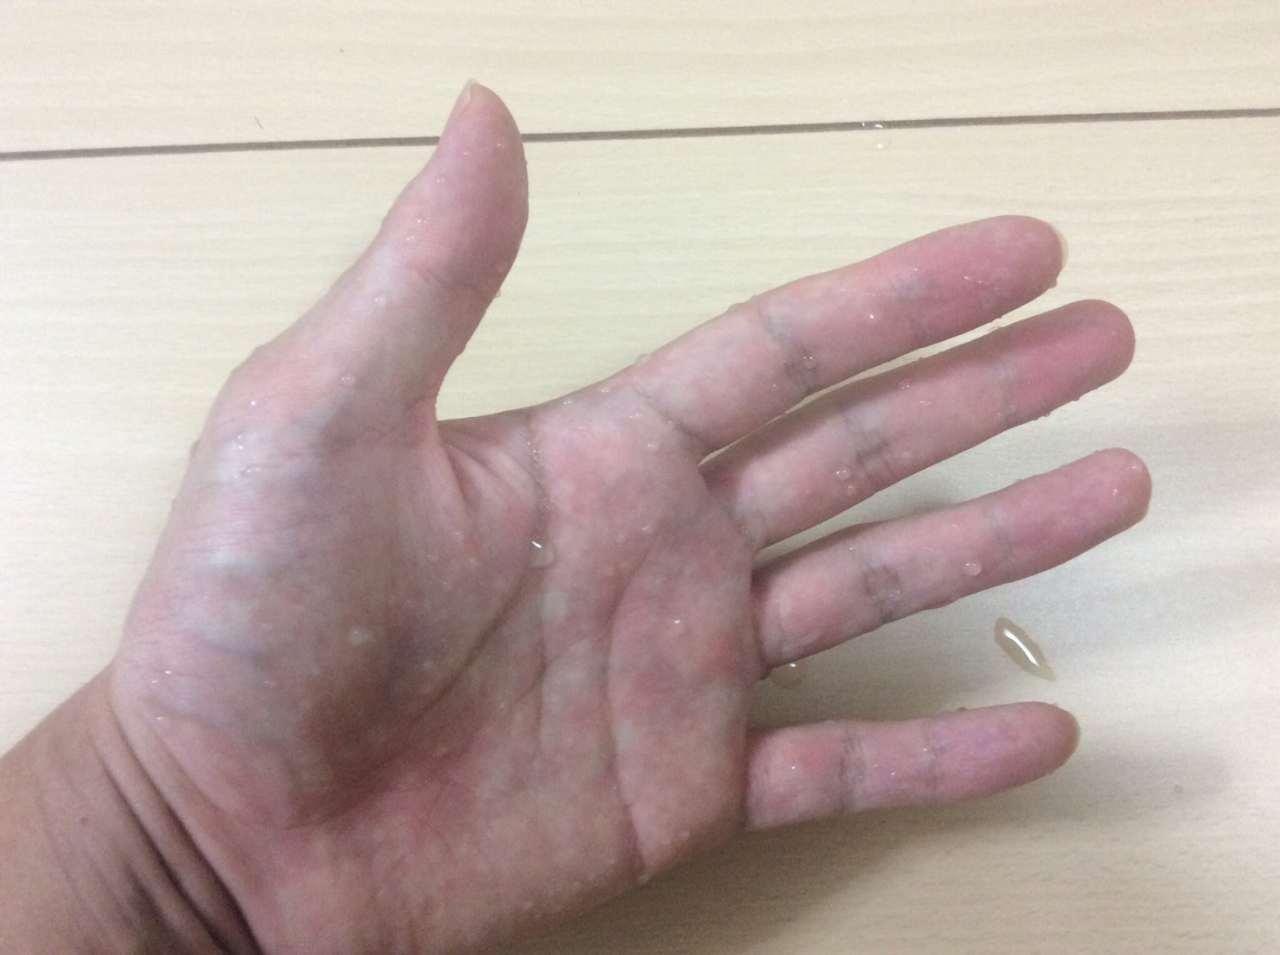 KEAR(ケアラ)を塗った手を洗って水で濡らした状態